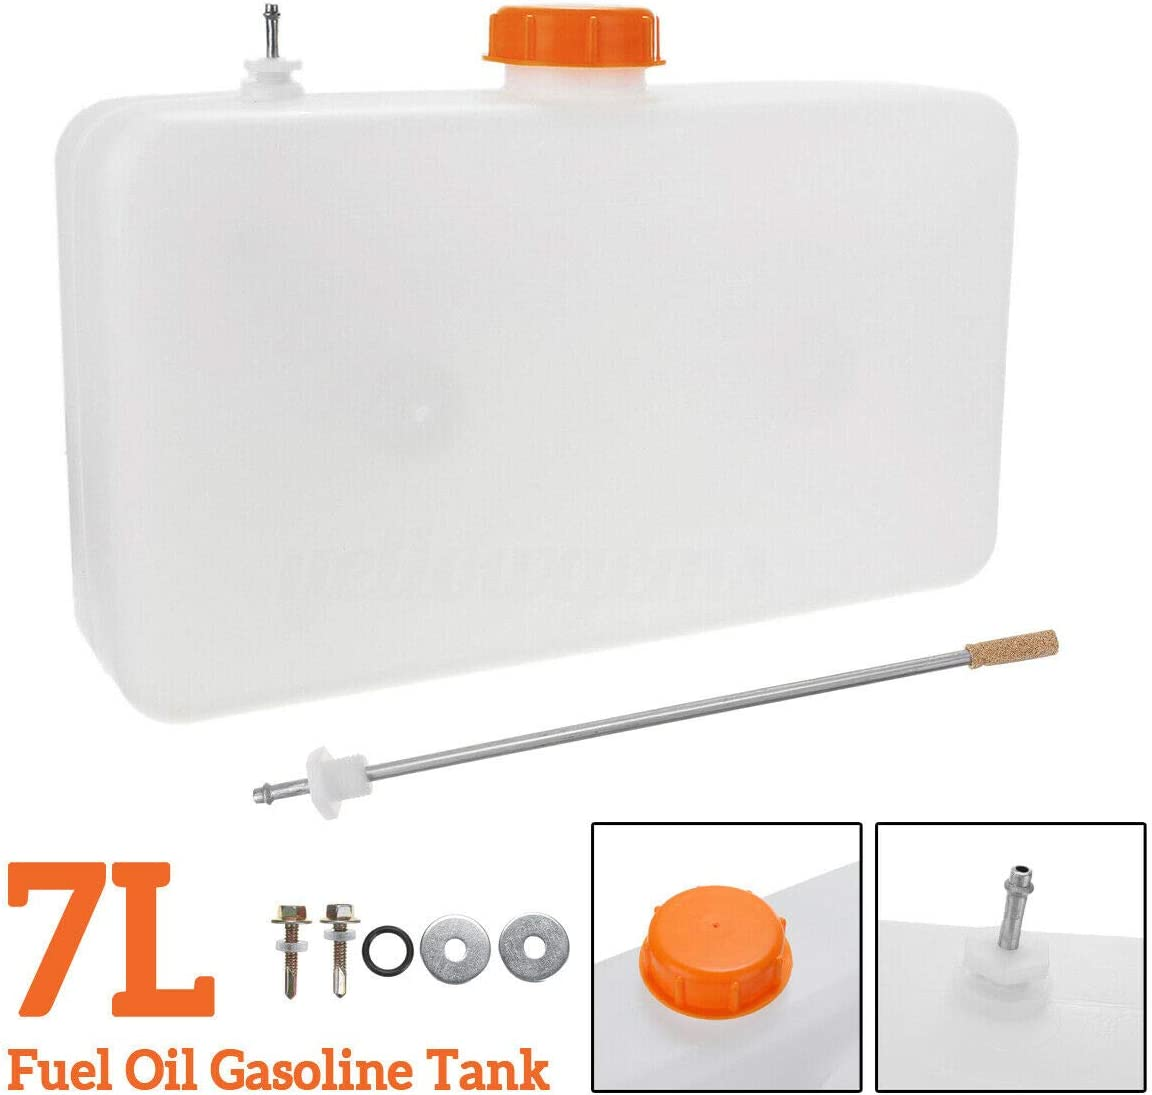 7L Plastic Fuel Oil Gasoline Tank Air Diesel Parking Heater Screw Kit Car Truck